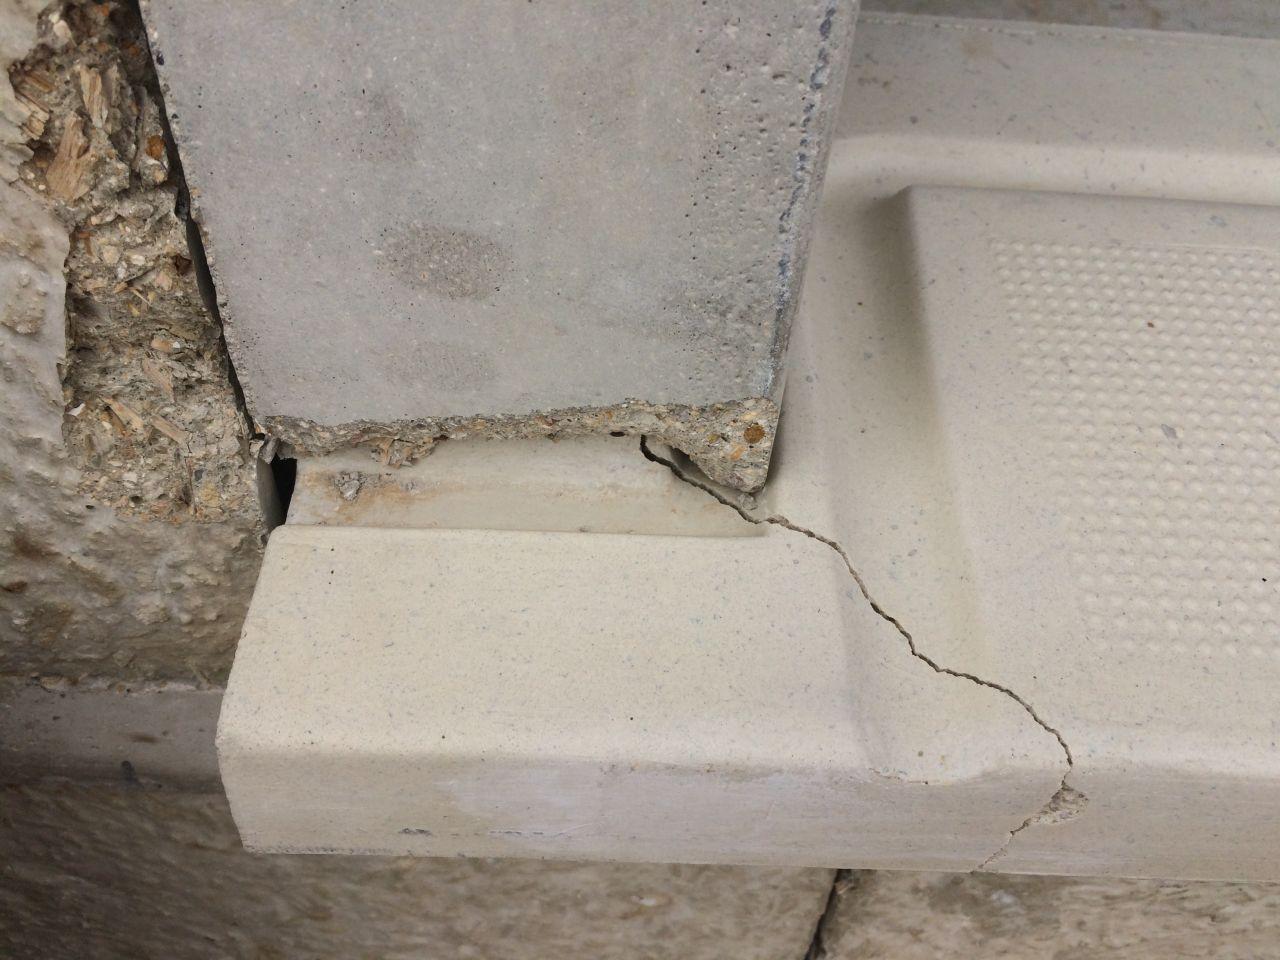 1 seuil de porte fenêtre cassé, à changer